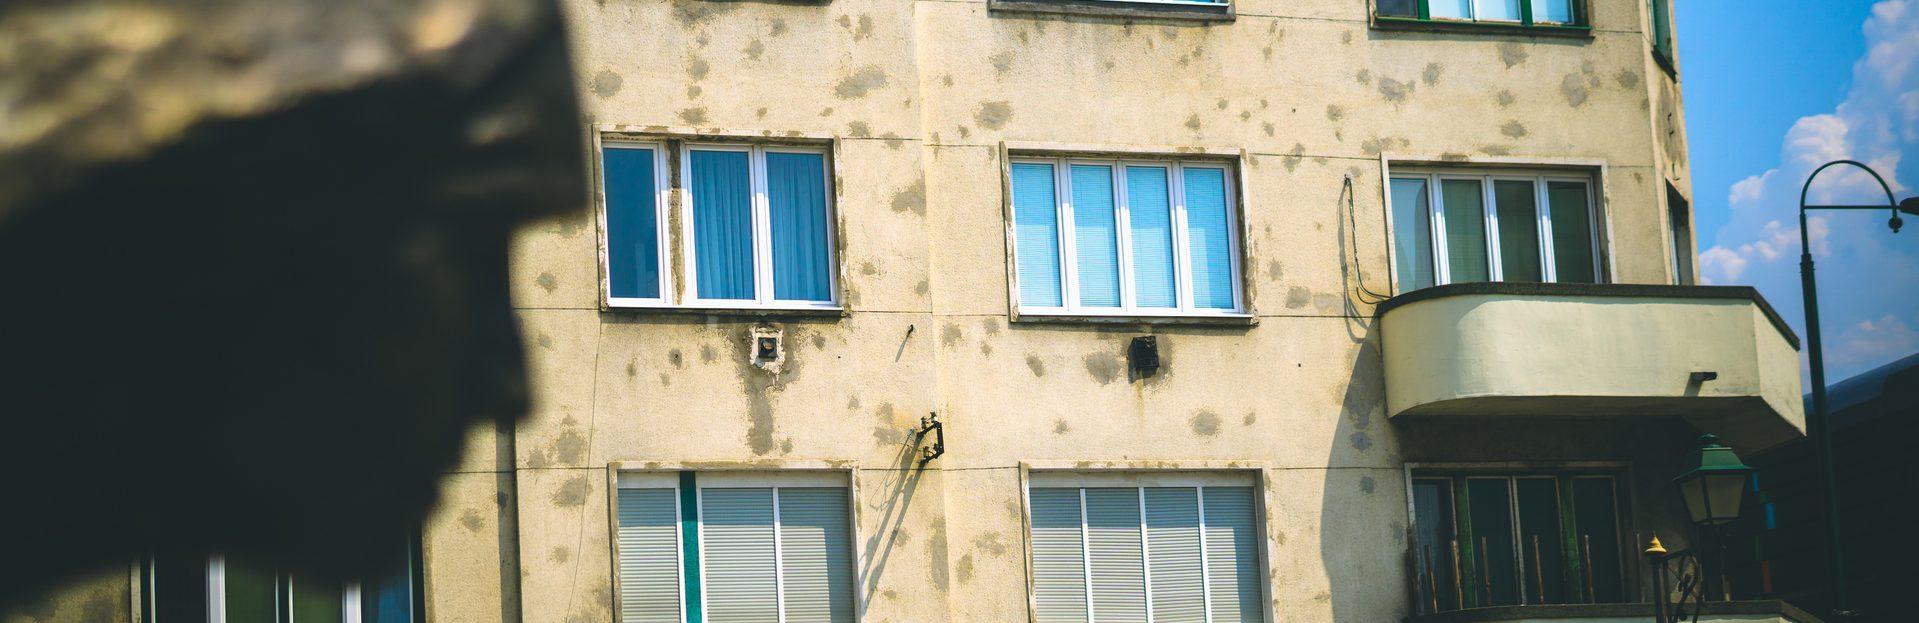 Sarajewo – miasto, które żyje wojną.